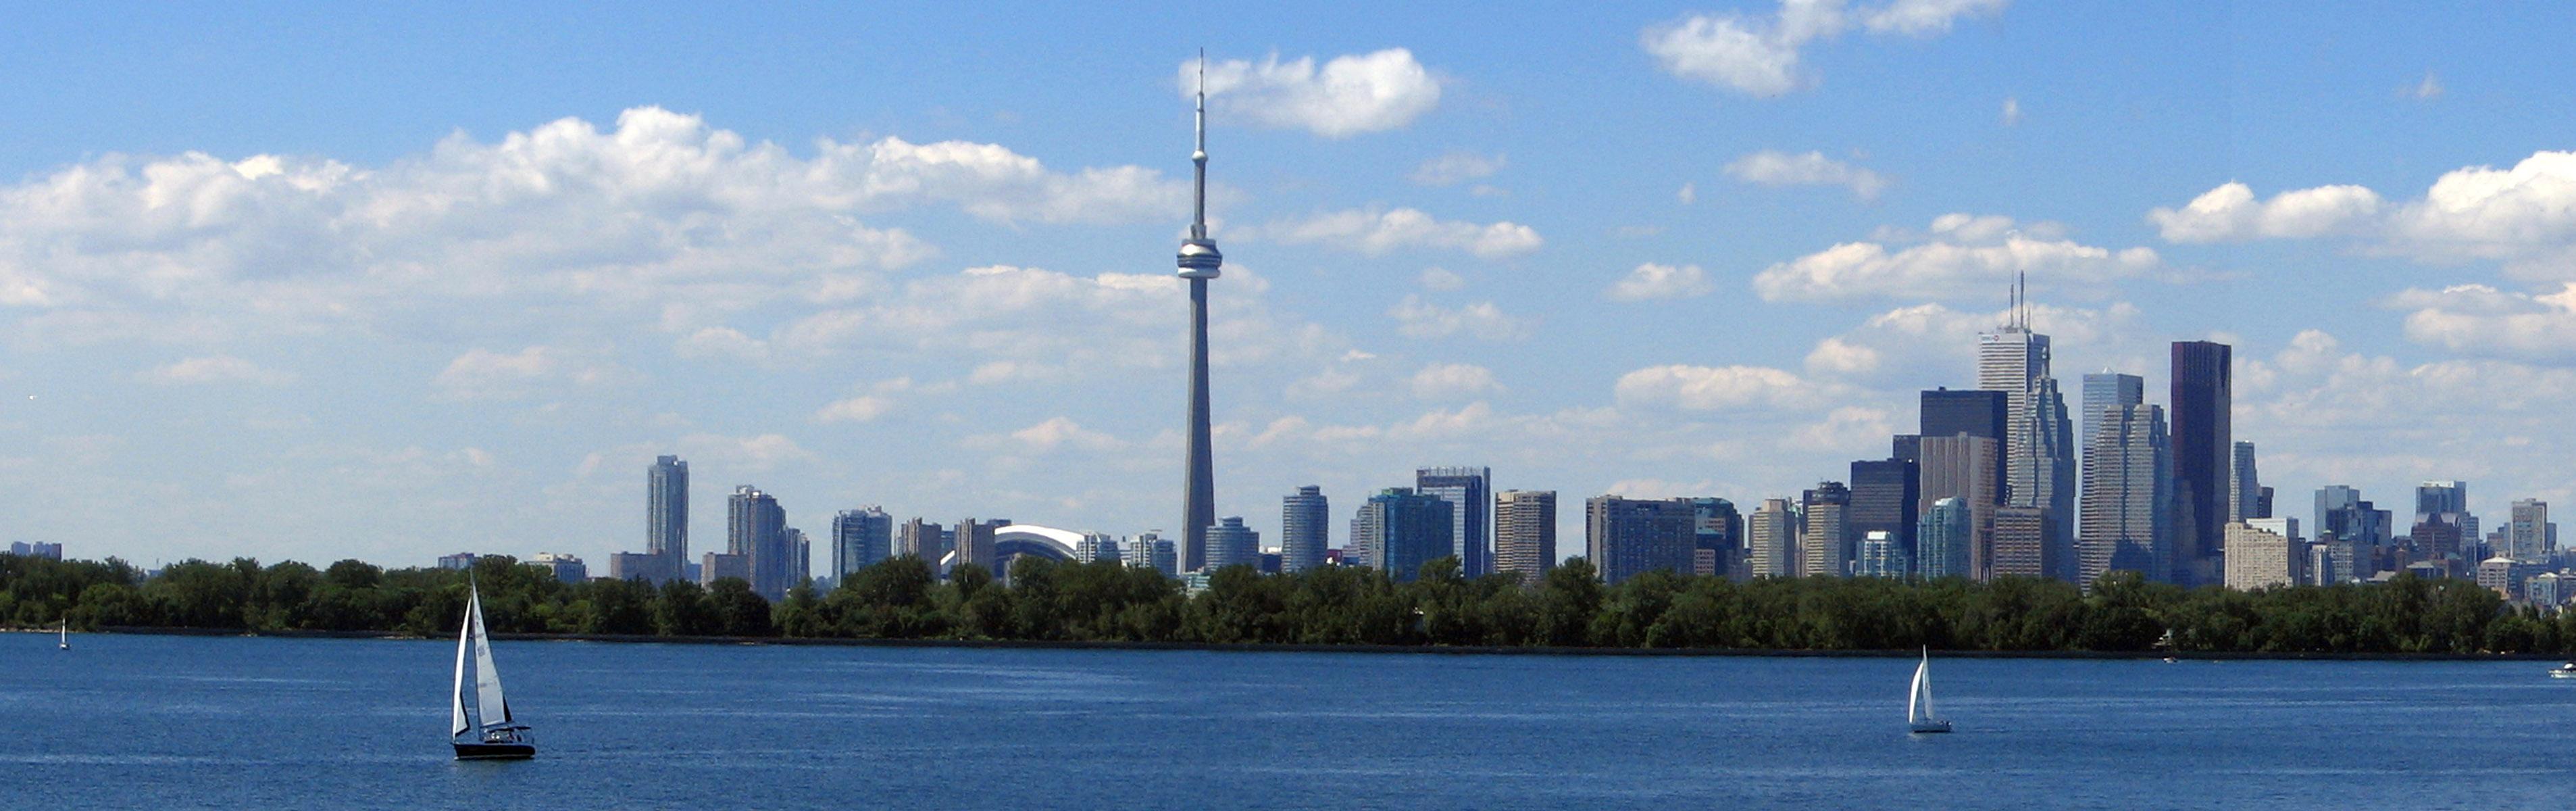 Toronto_skyline_tommythompsonpark